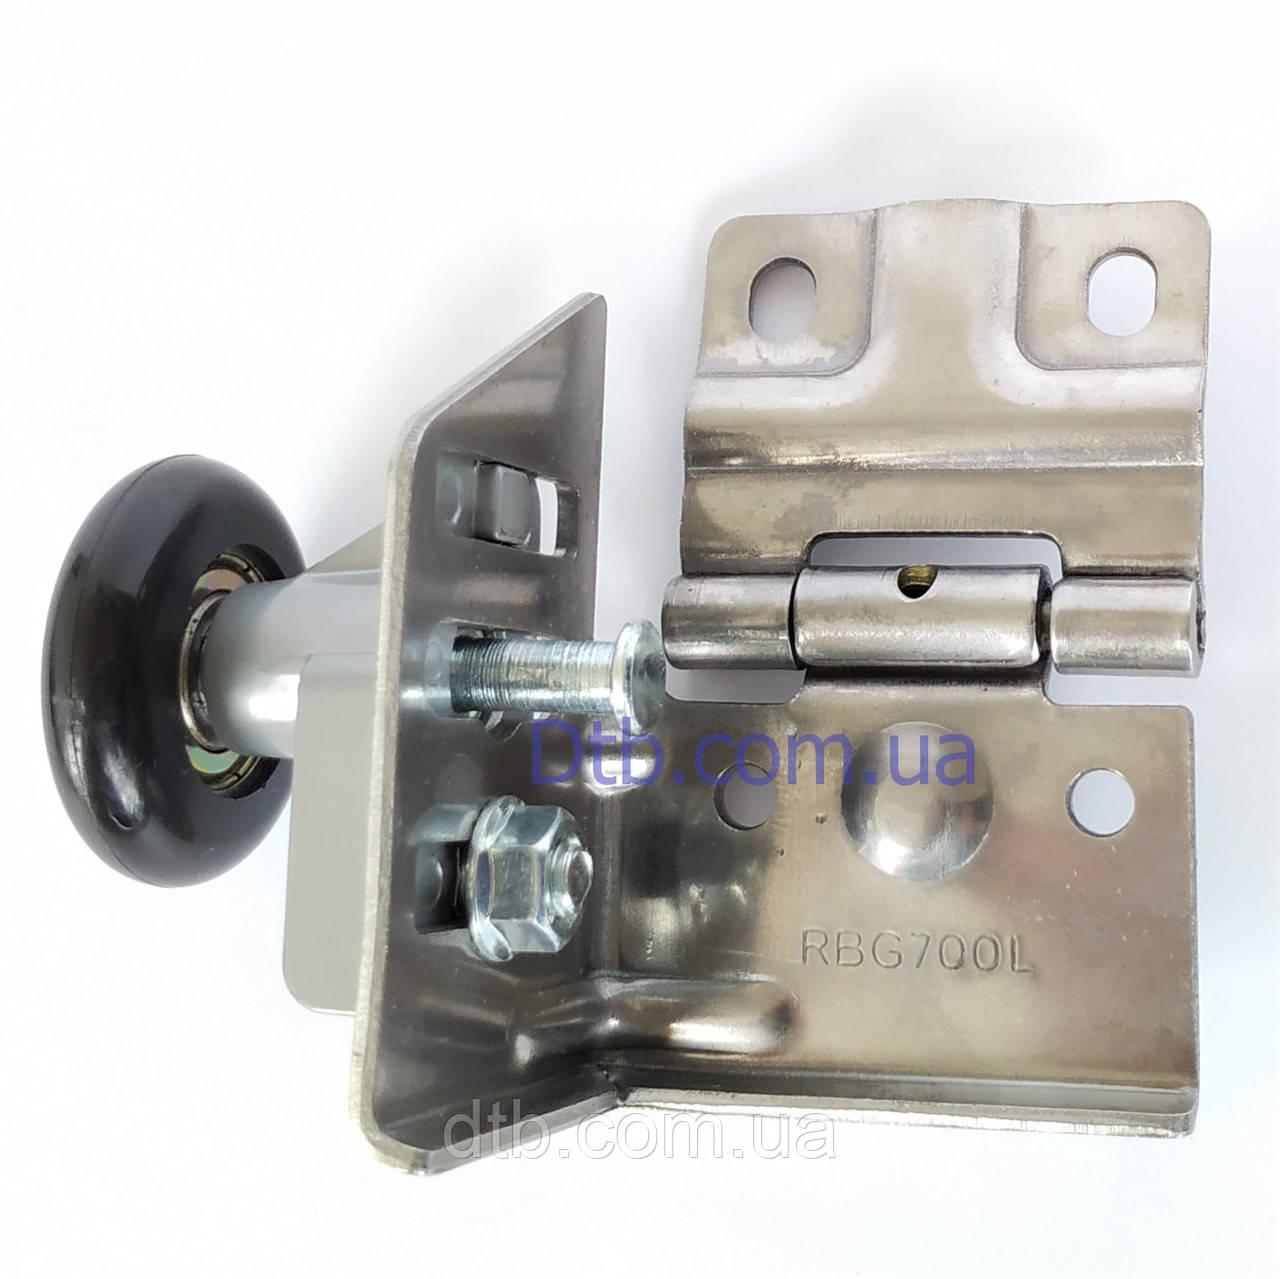 Кронштейн з роликом RBG700L-SS нержавіючий для воріт